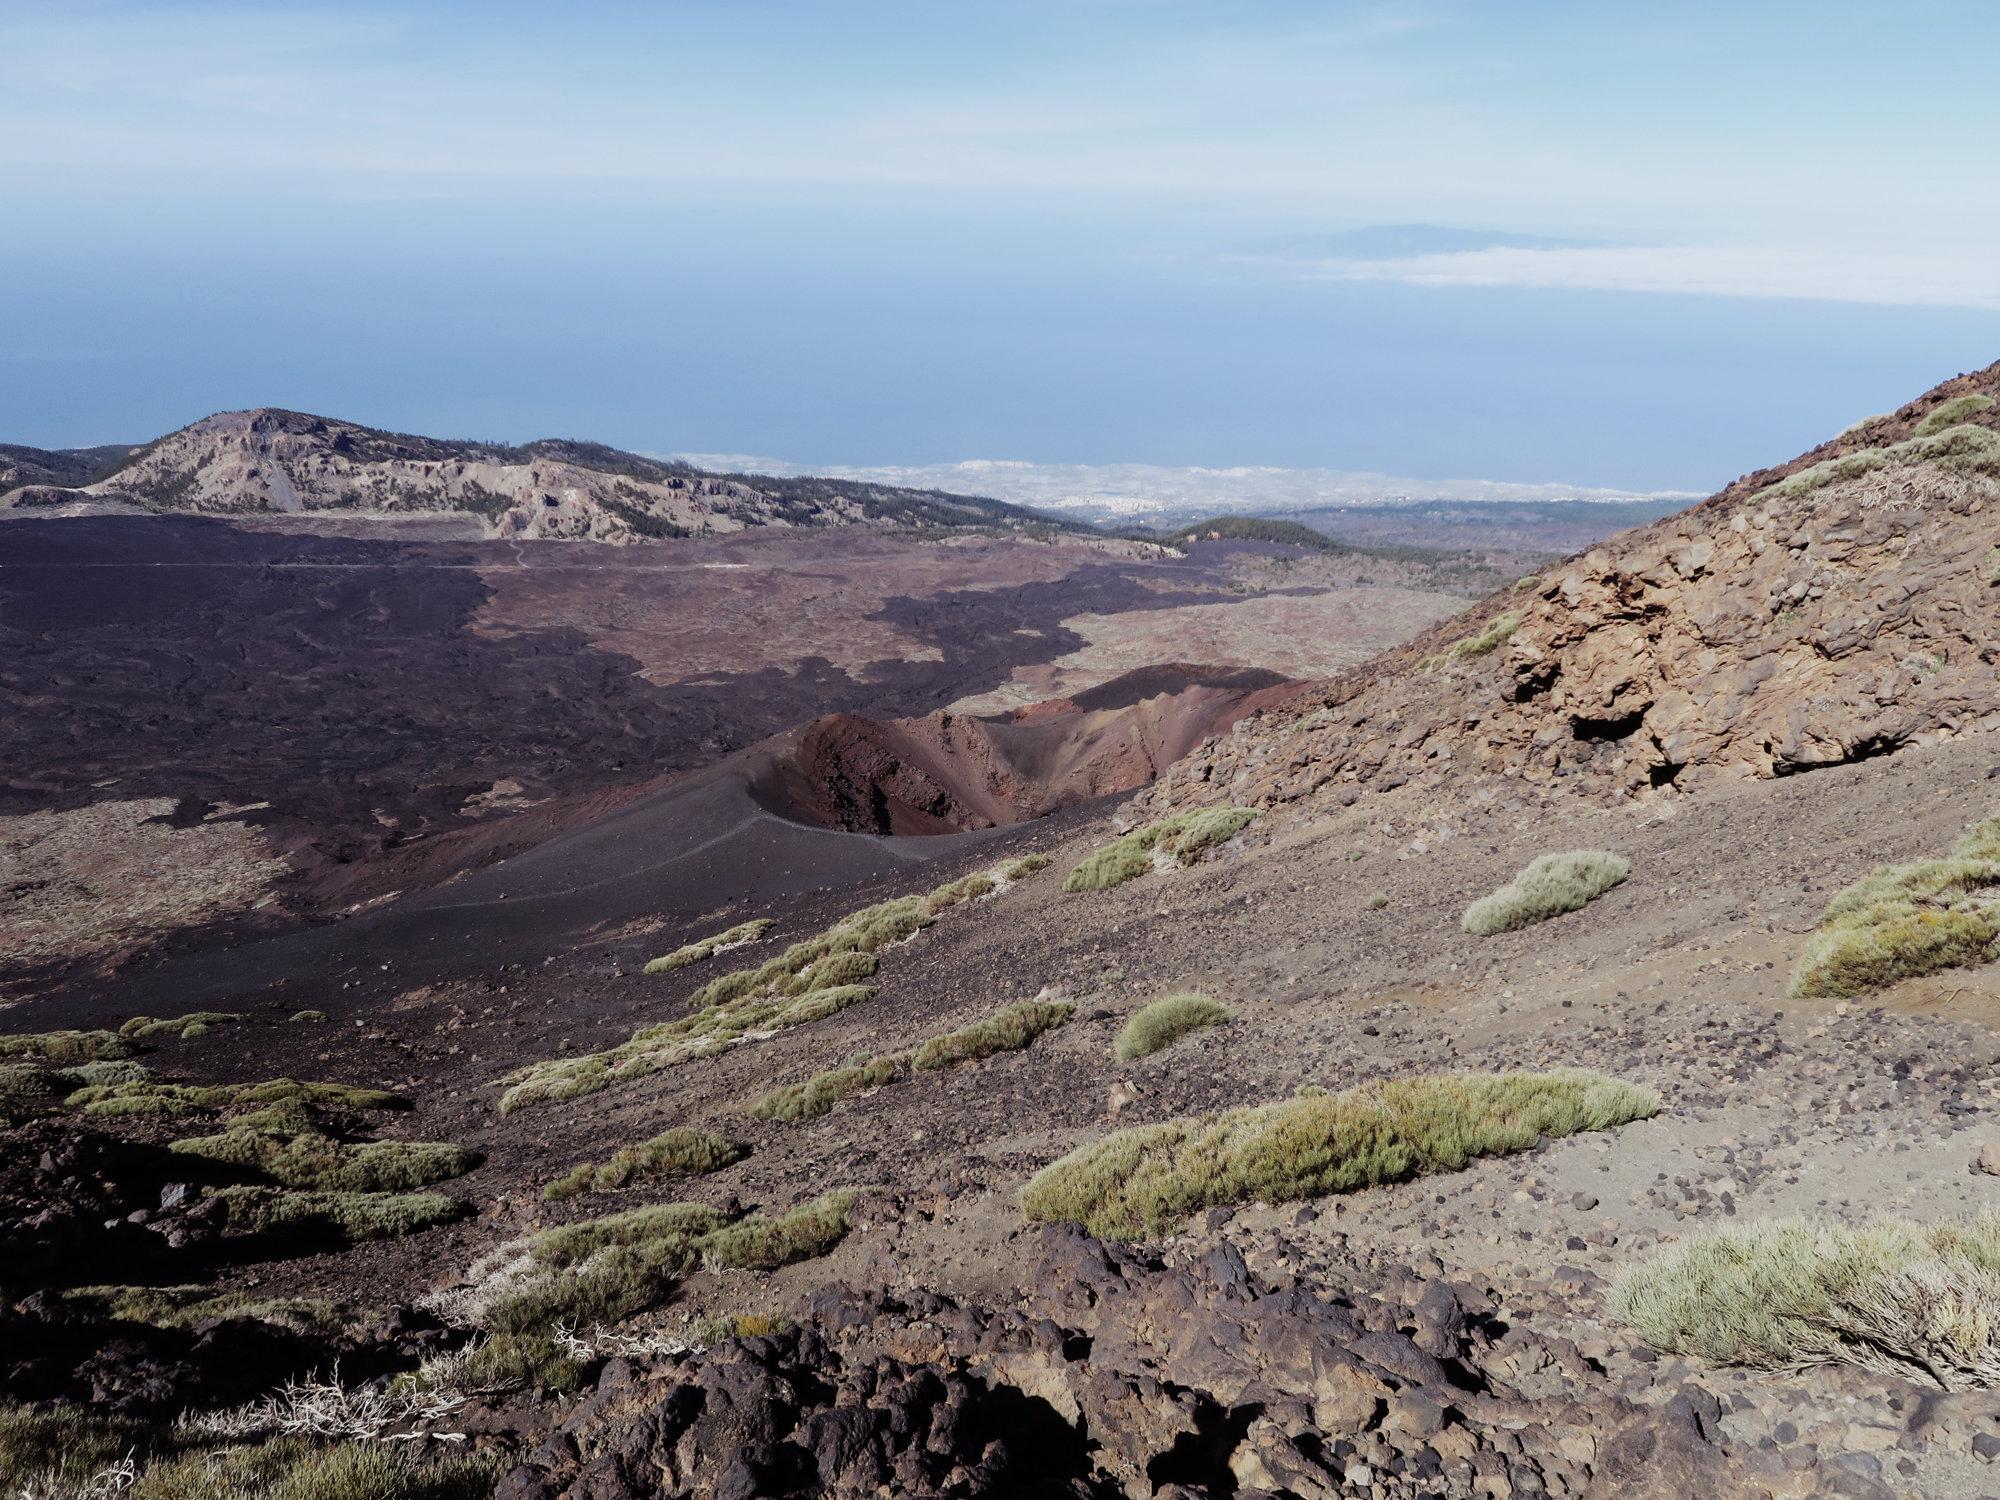 Auf dem Weg zu den Narices del Teide